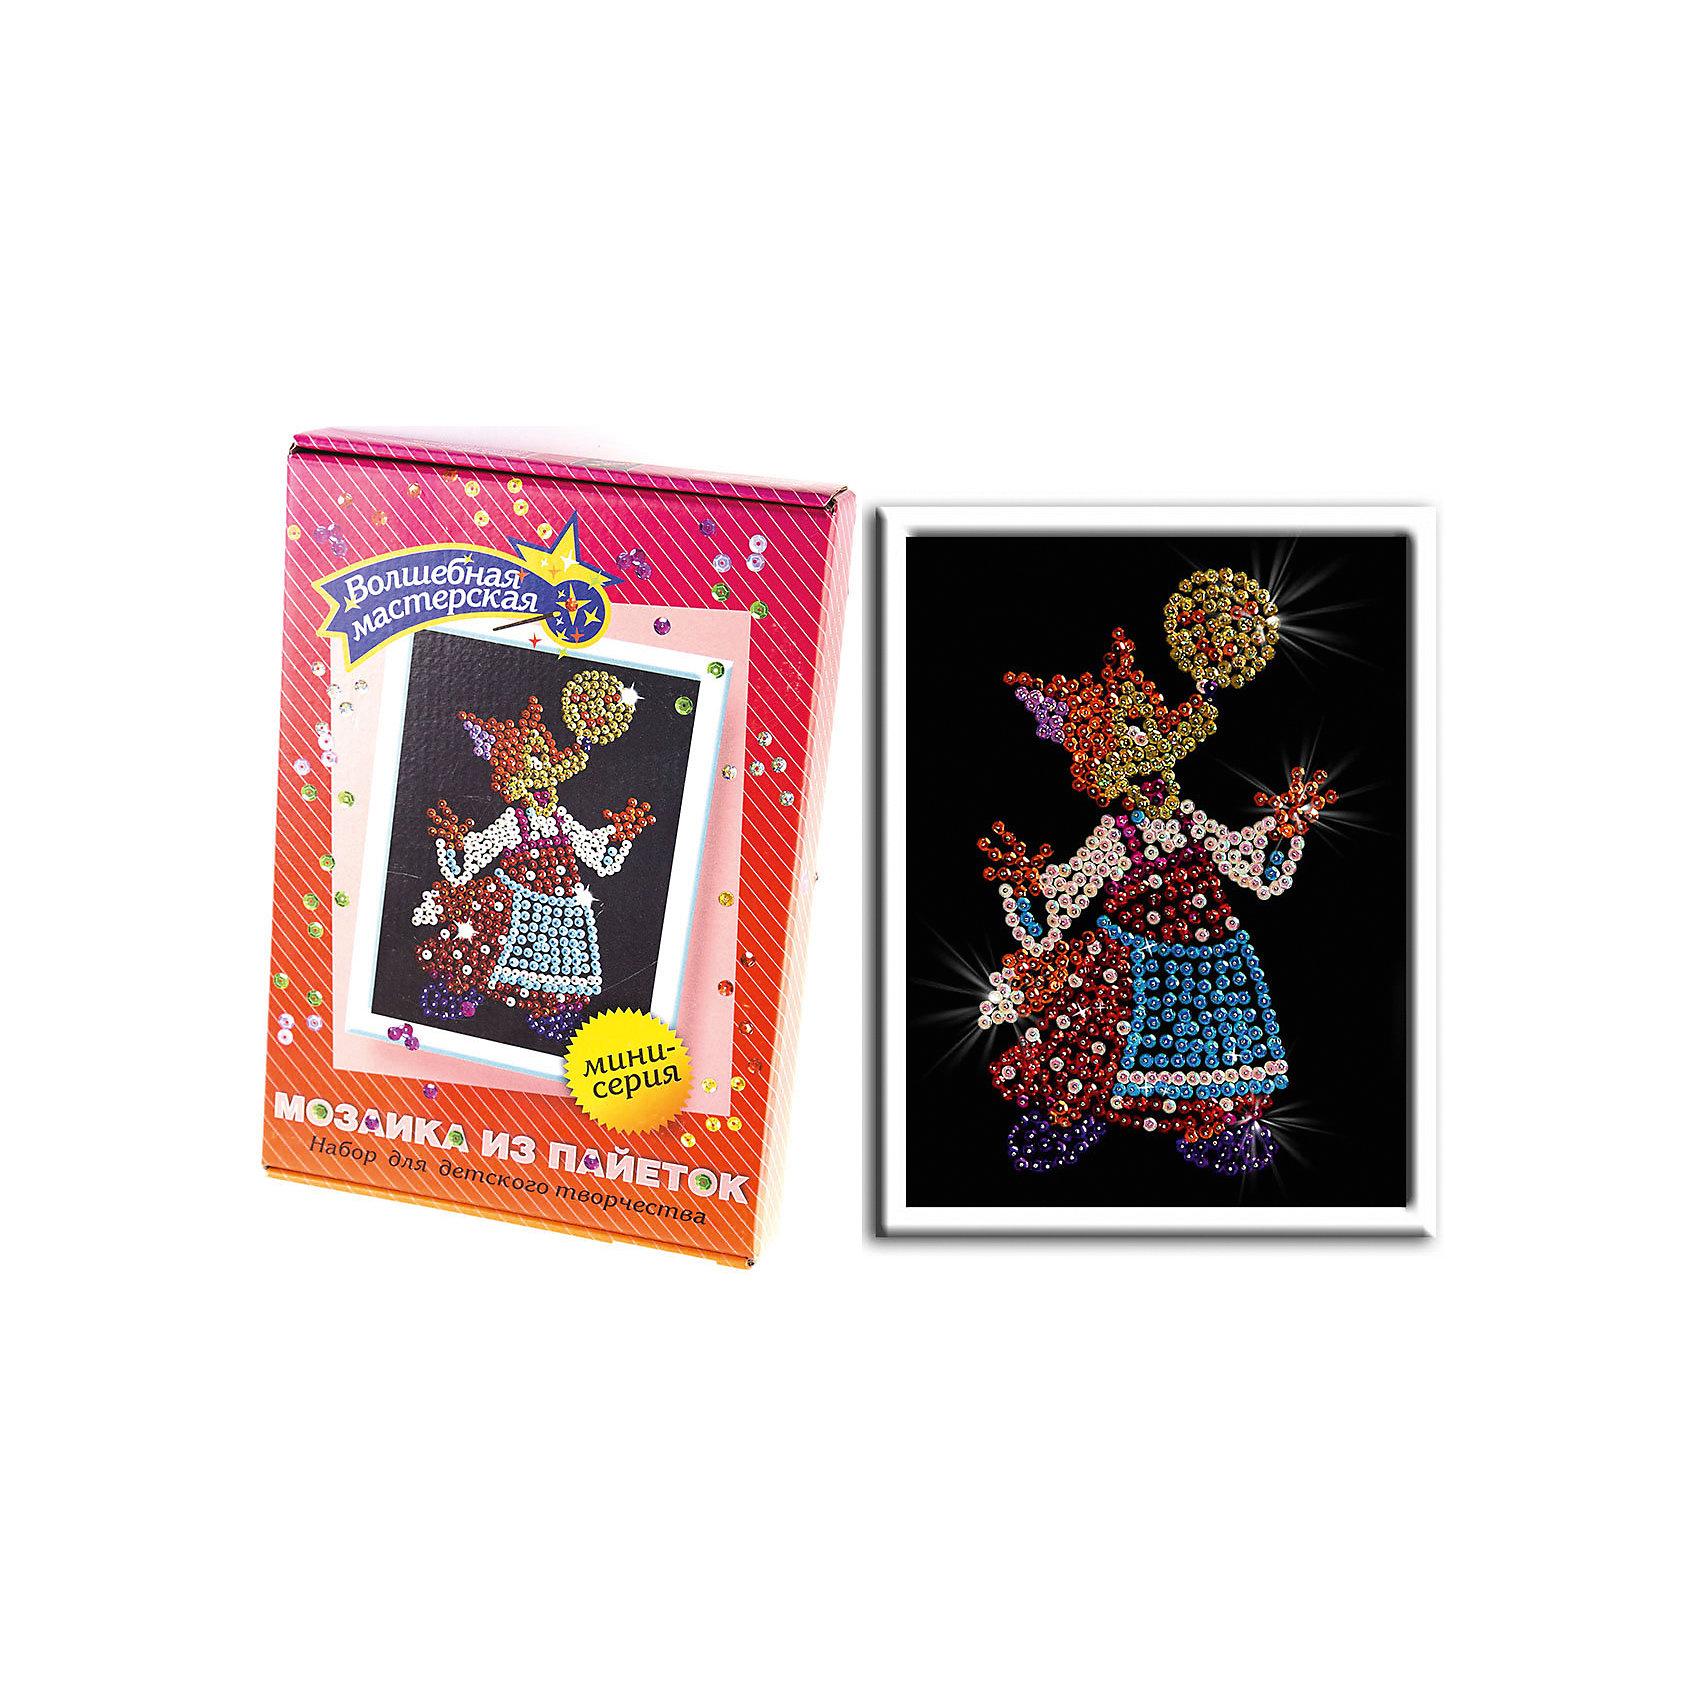 Волшебная мастерская Мозаика из пайеток Лисичка наборы для творчества волшебная мастерская мозаика из пайеток лисичка